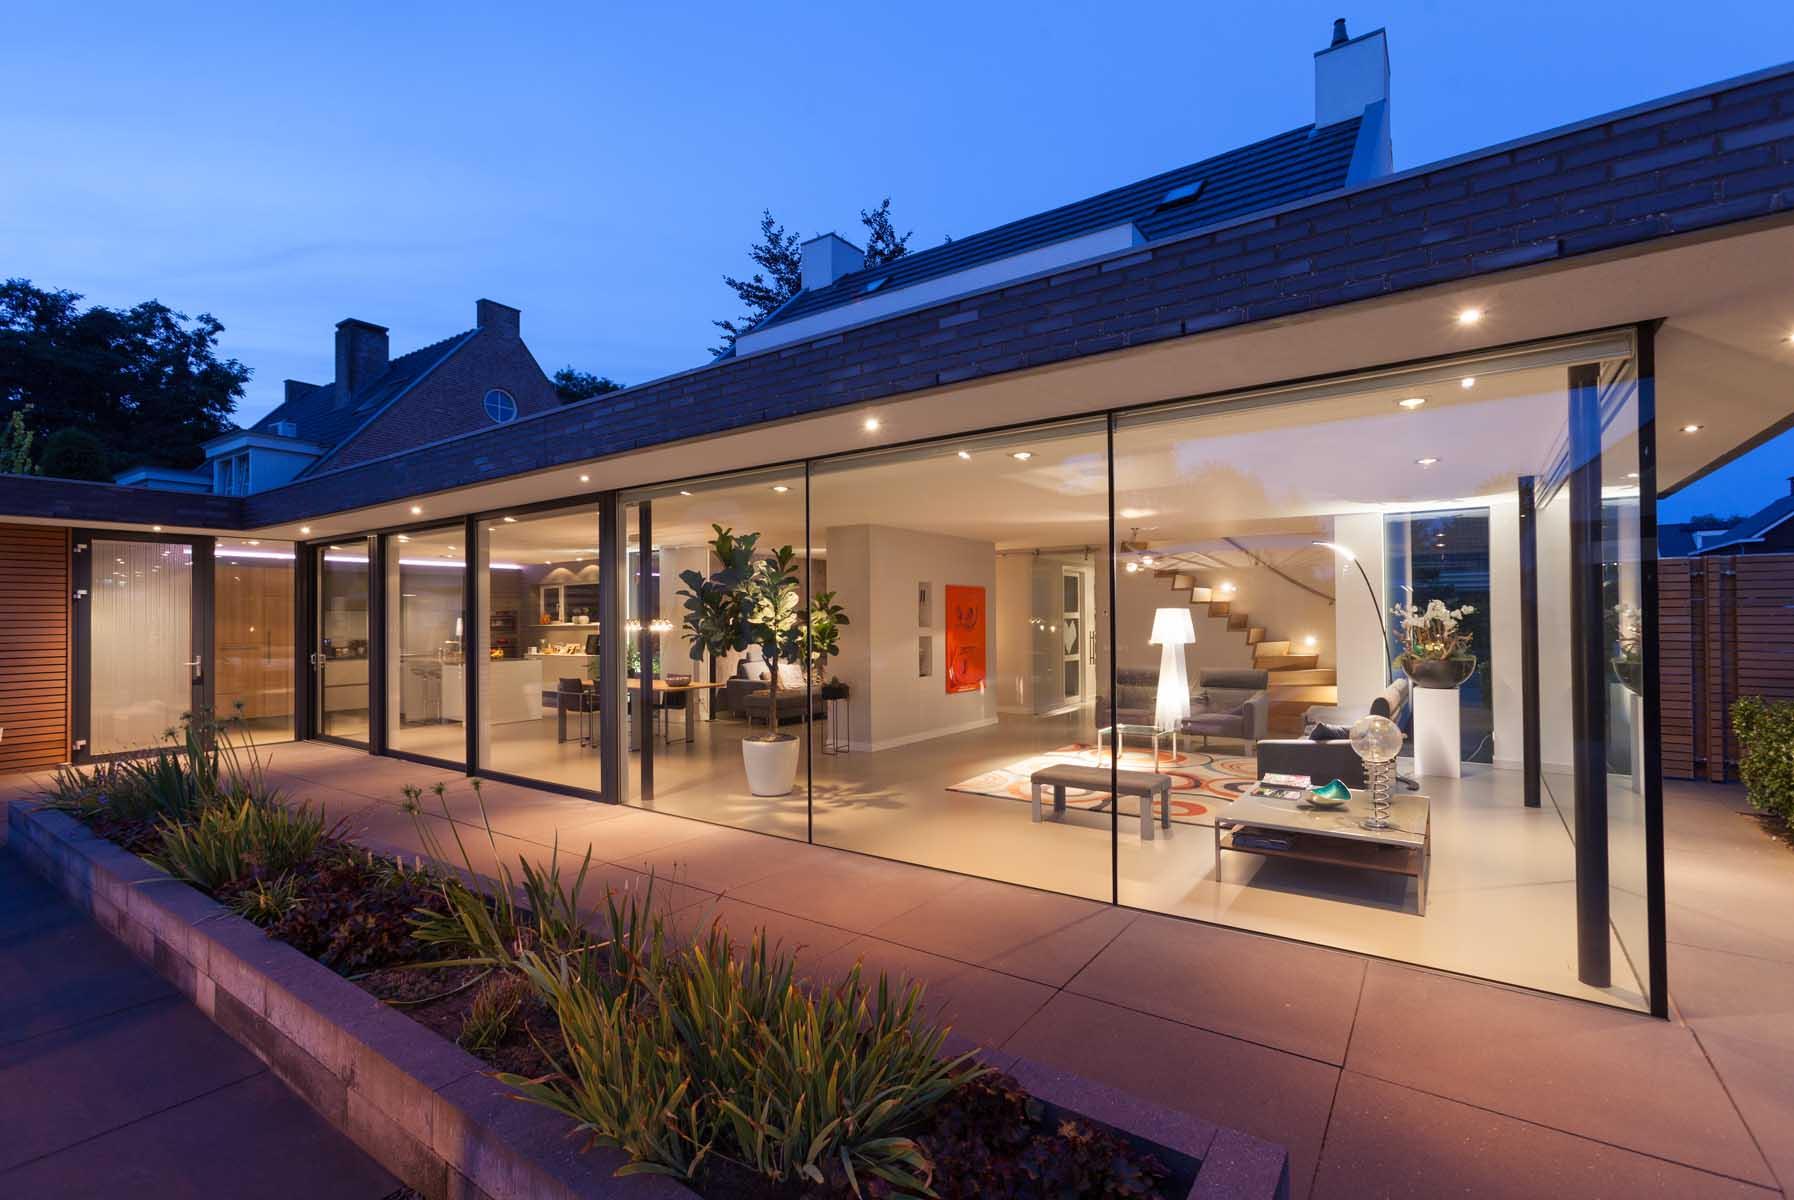 Glazen Pui Woning : 07 verbouwing woning best avond glazen pui licht living architectuur